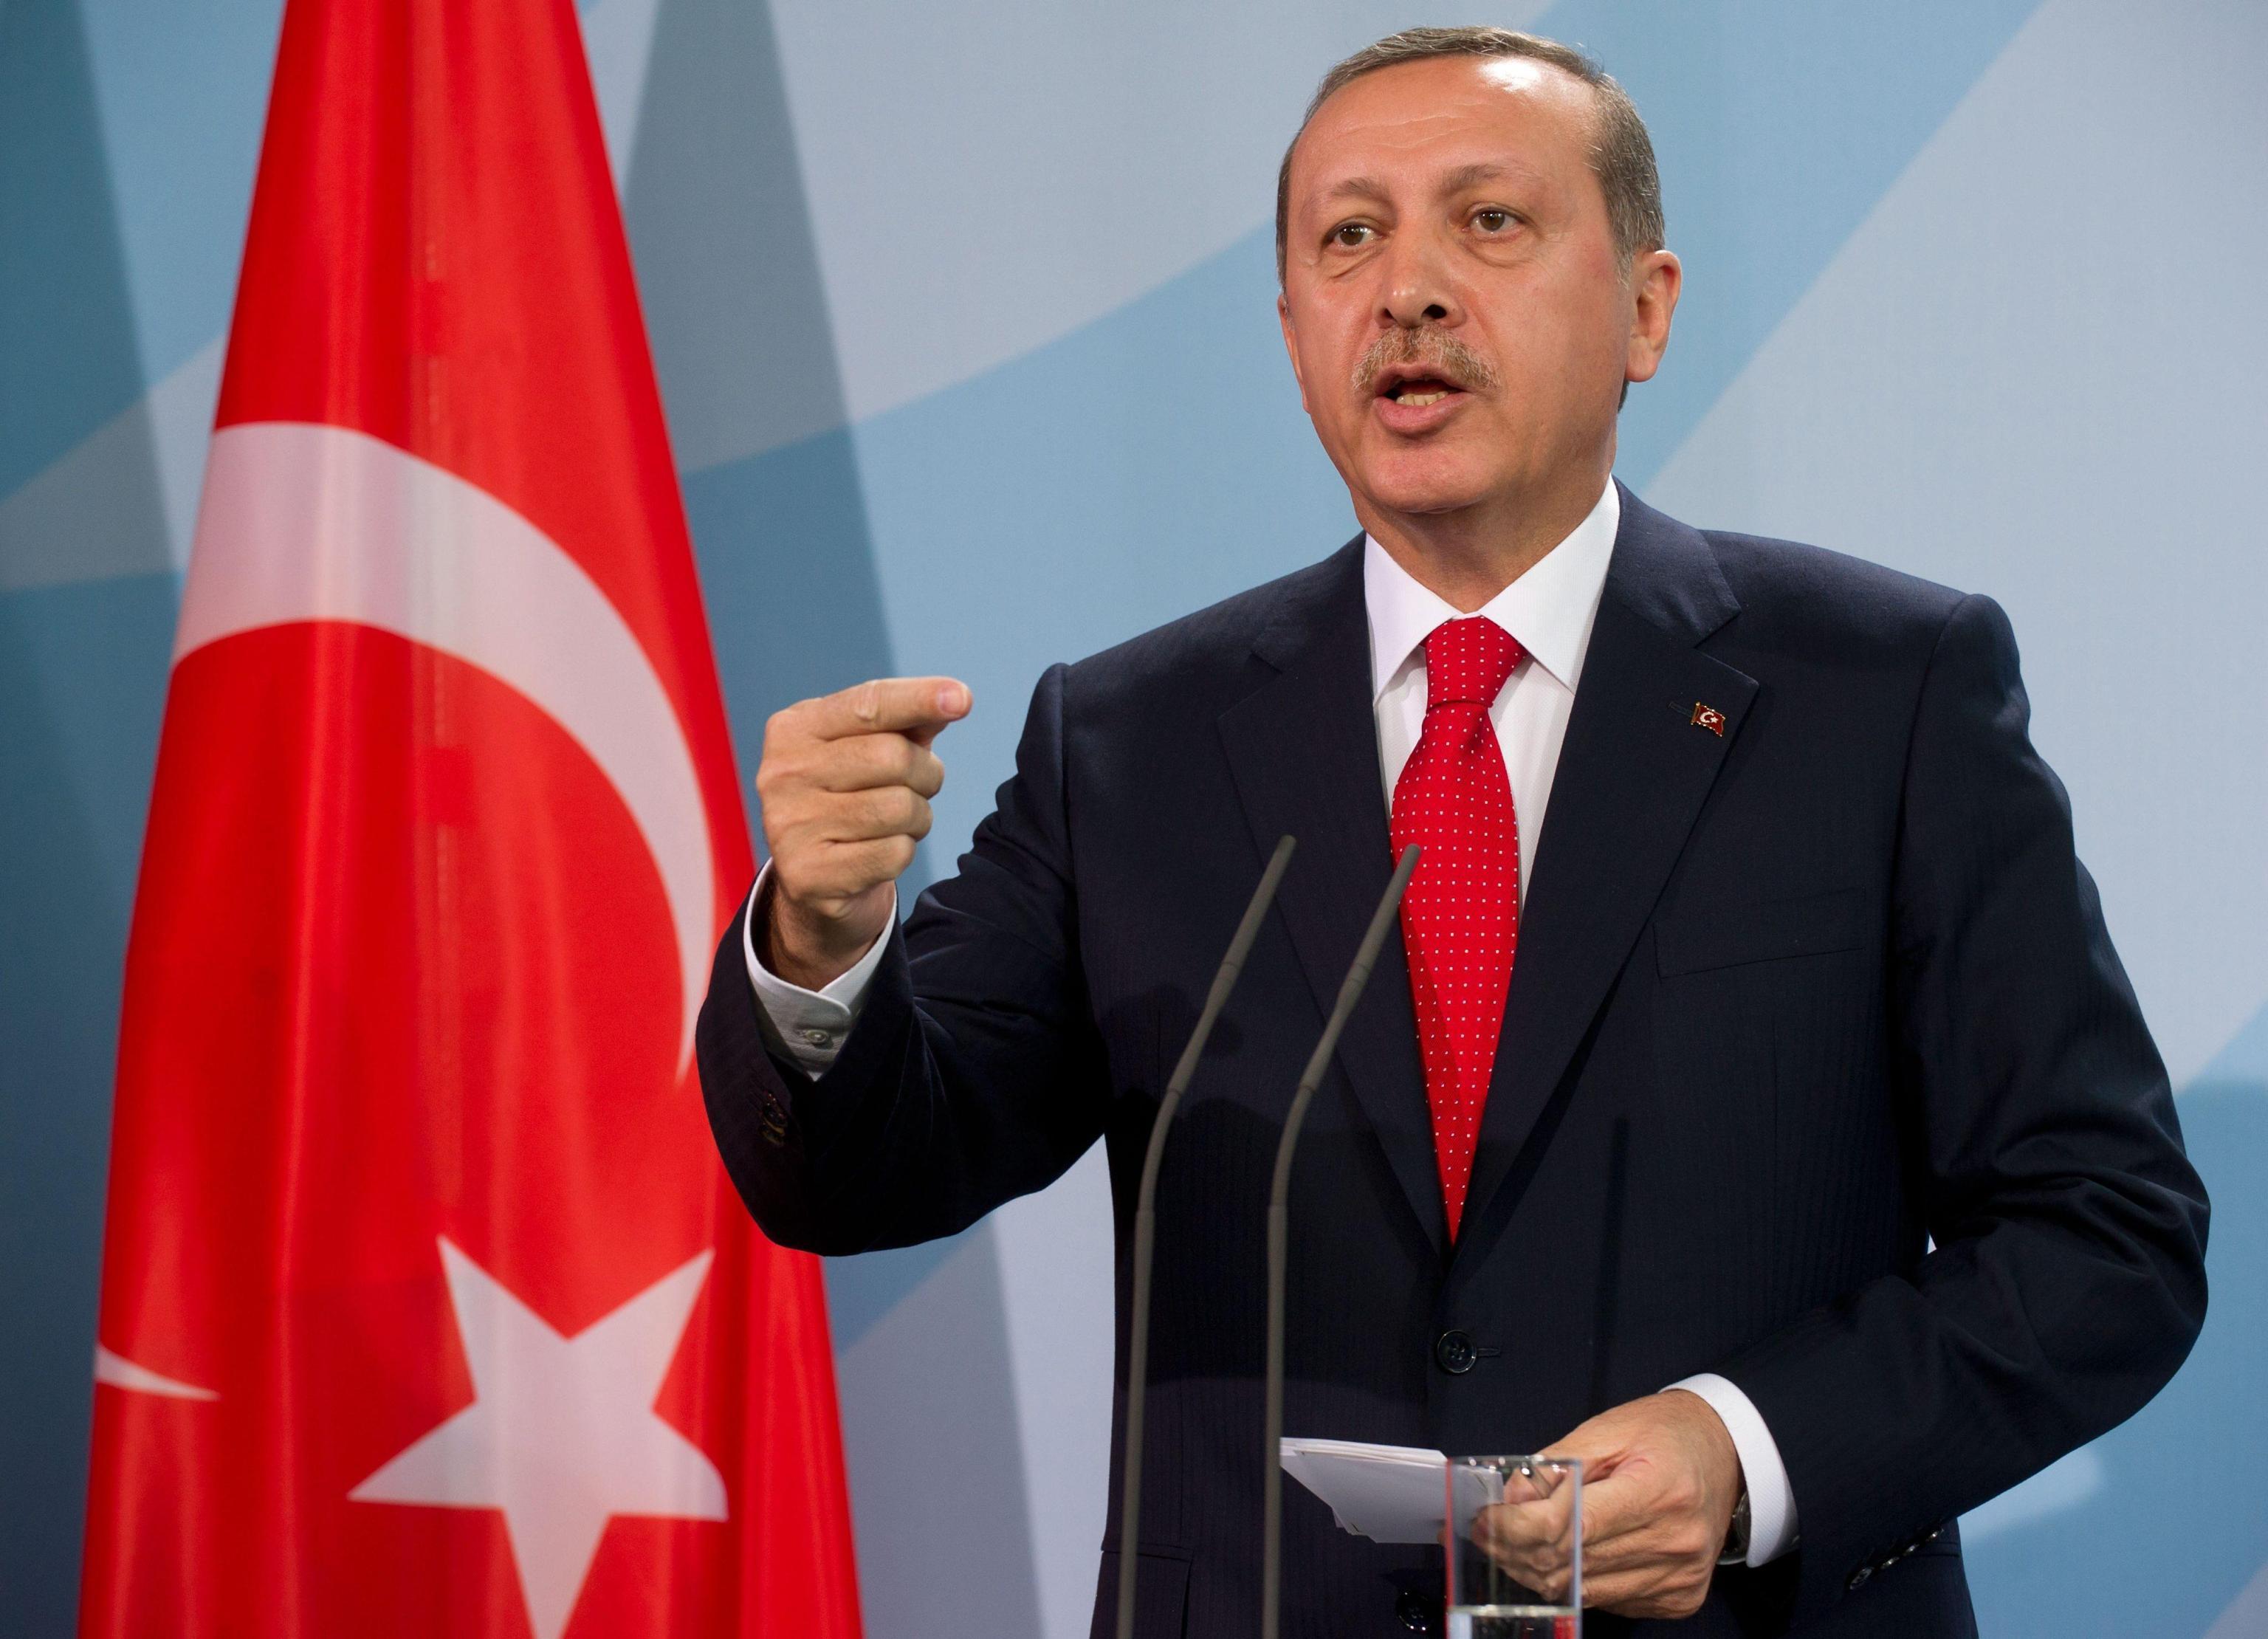 أردوغان يحذر بوتين من عواقب انتهاك مقاتلاته السيادة التركية مجددا